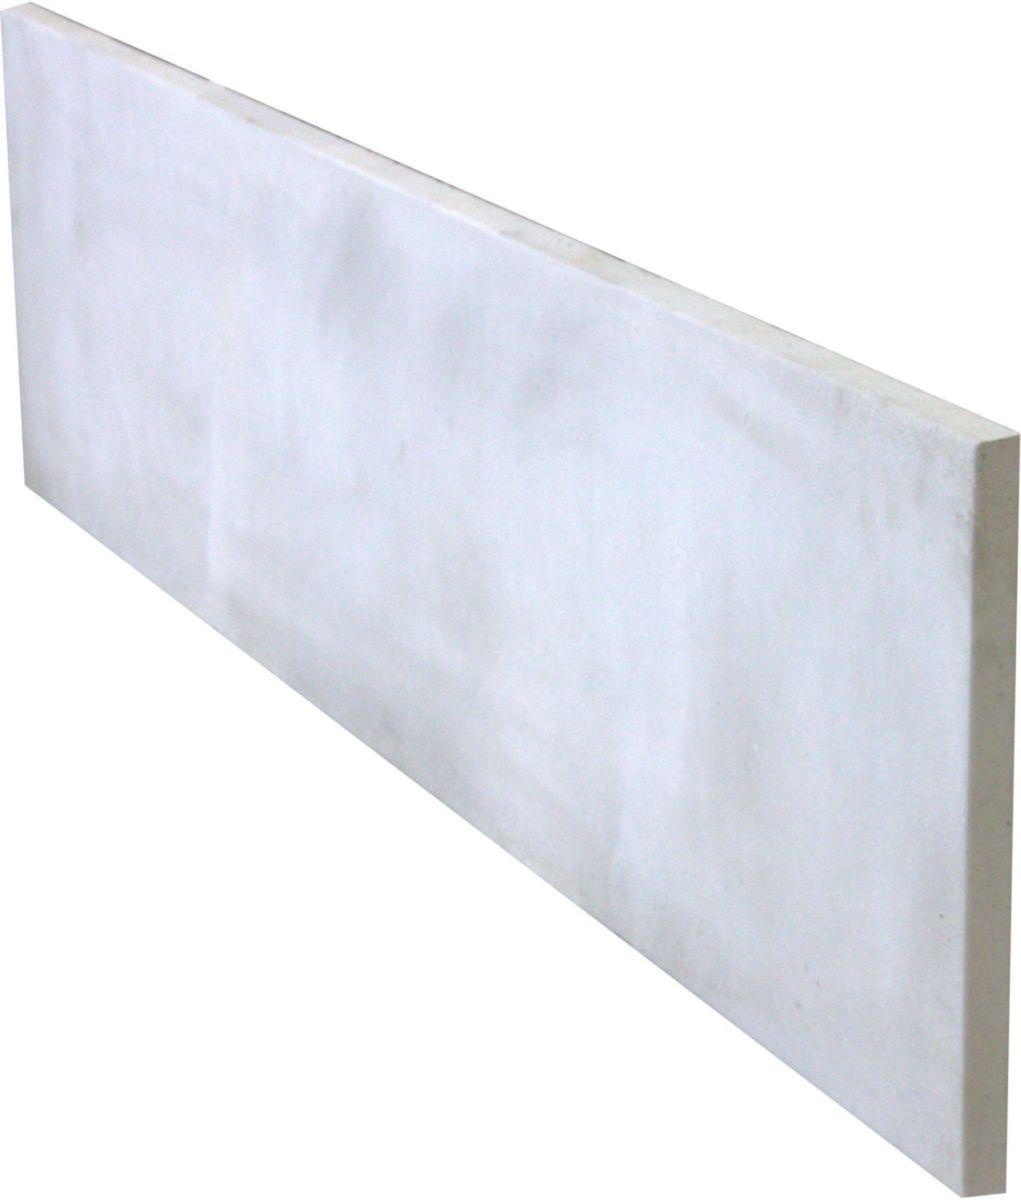 supérieur Plaque béton armé lisse gris 1920x500x35 mm - MAUBOIS - Décoration  extérieure - Distributeur de matériaux de construction - Point.P